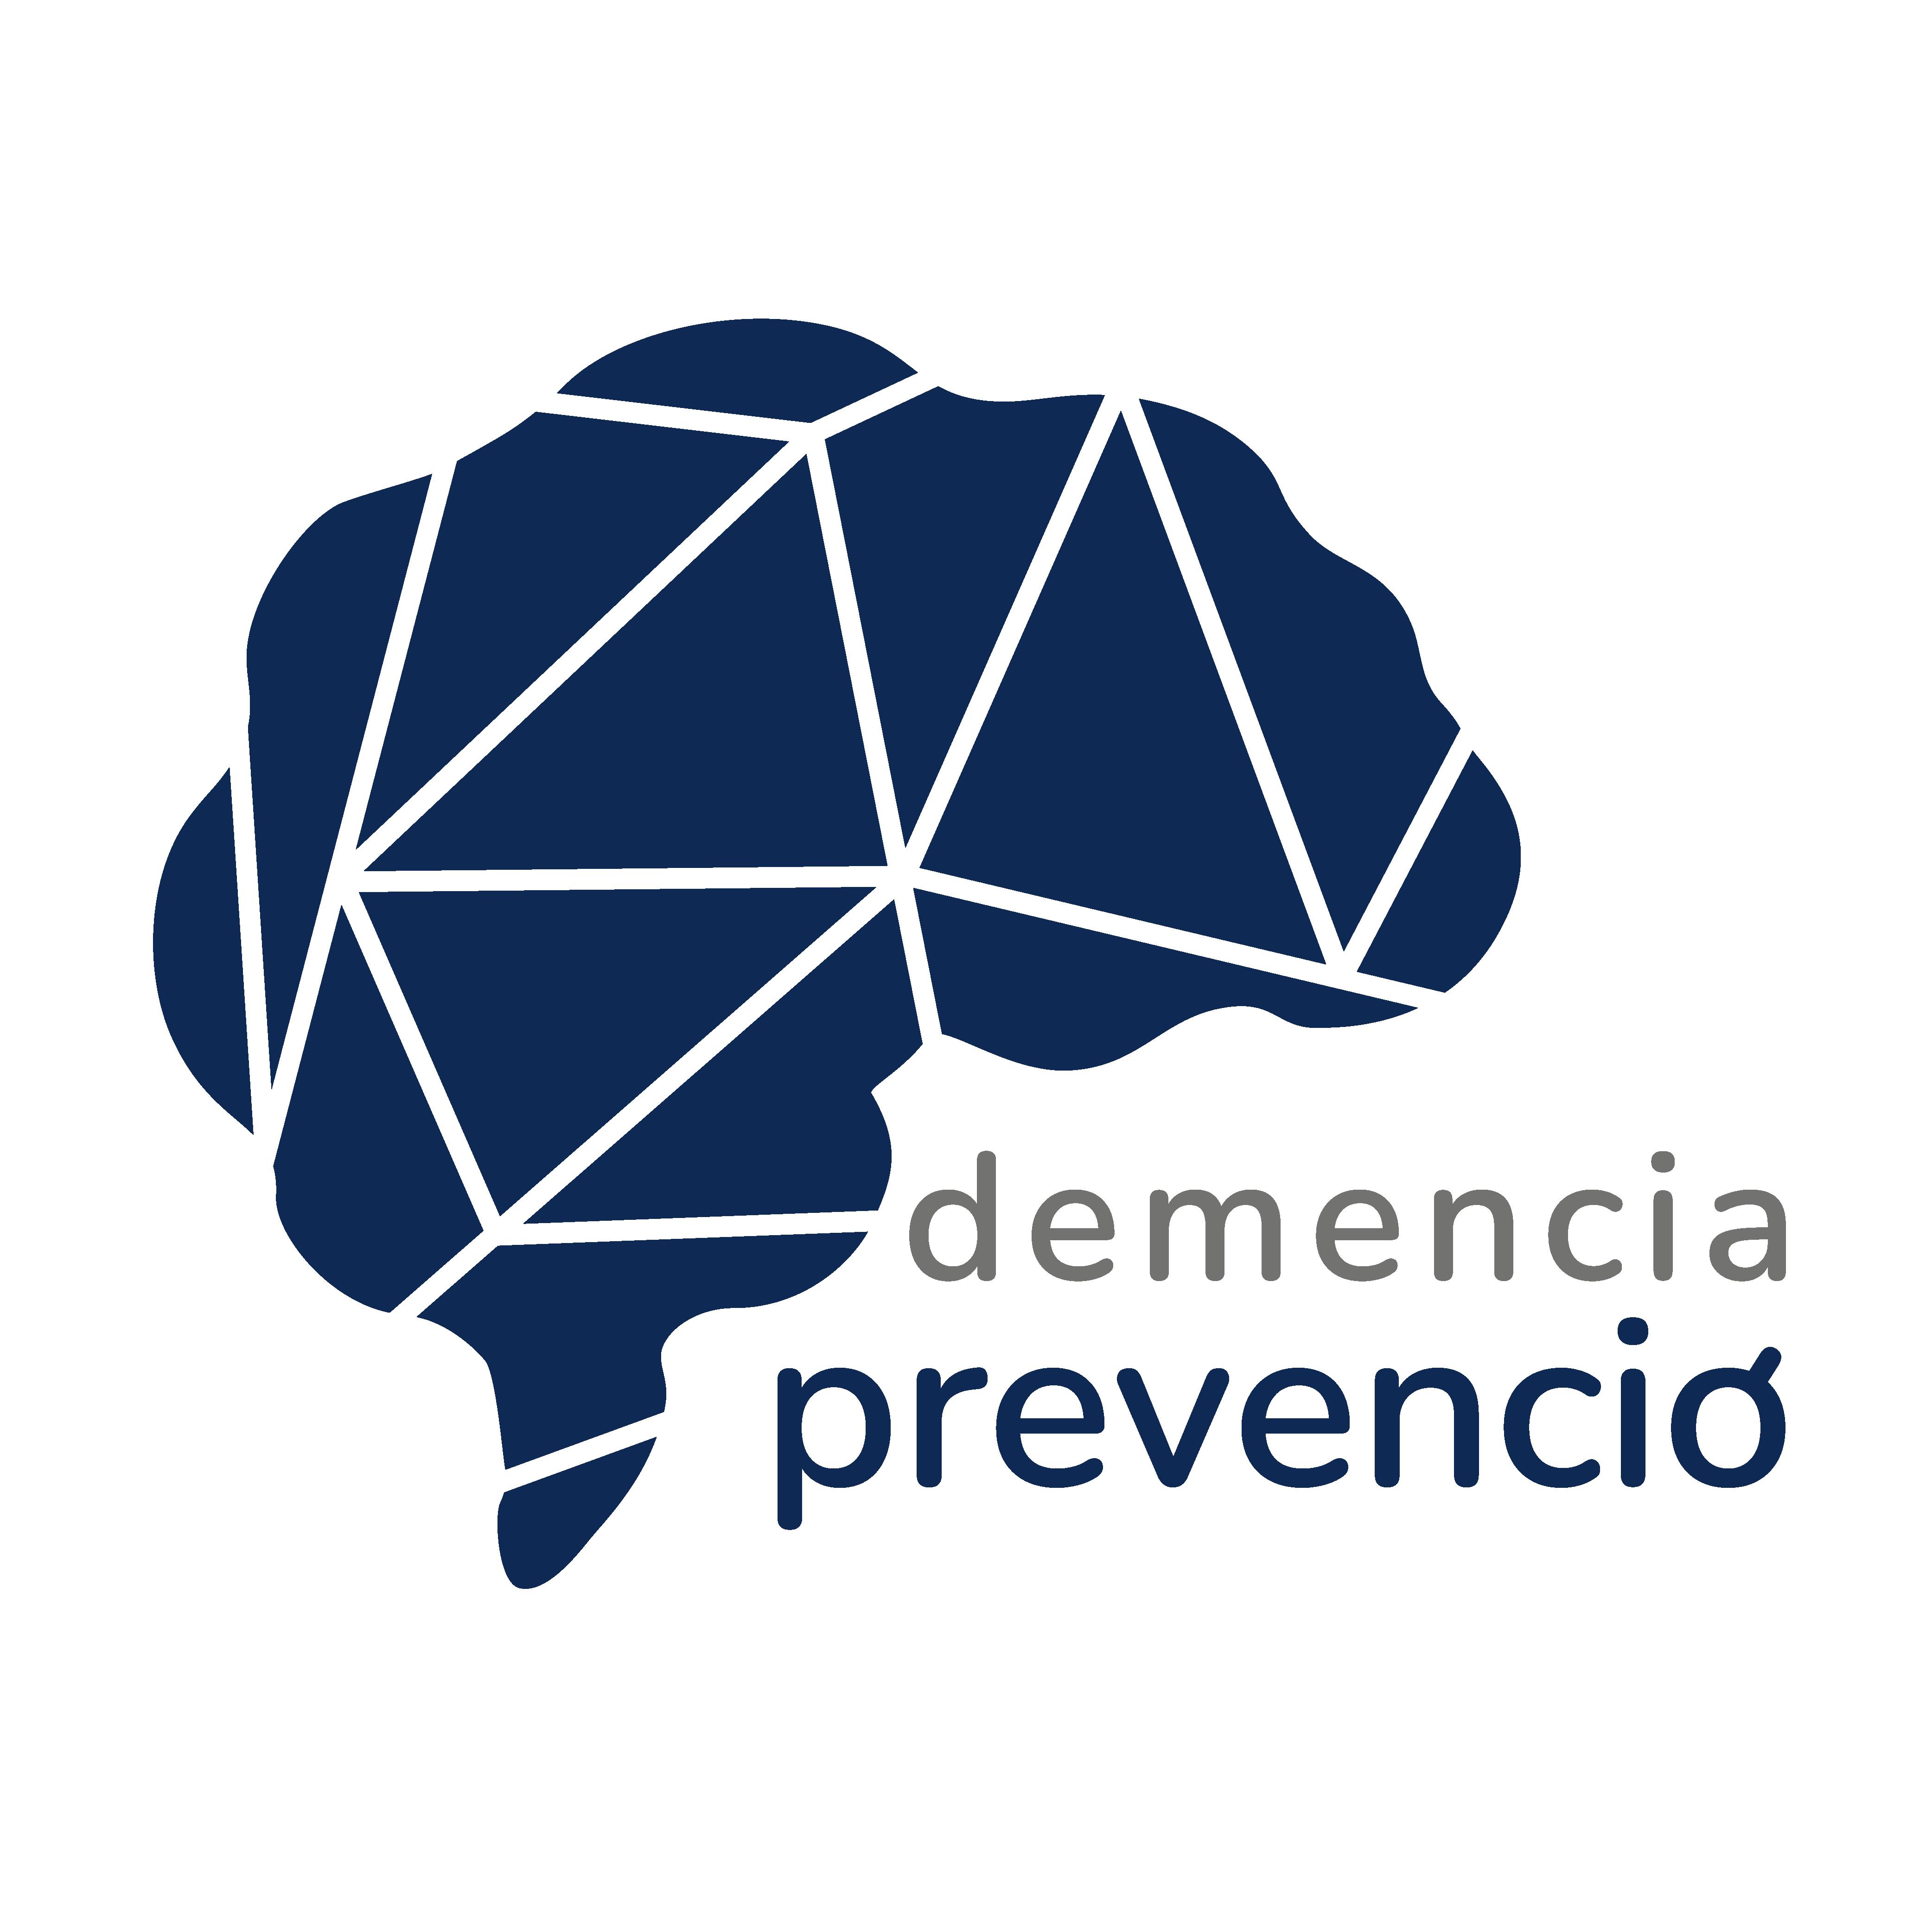 Demencia prevenció kutatás